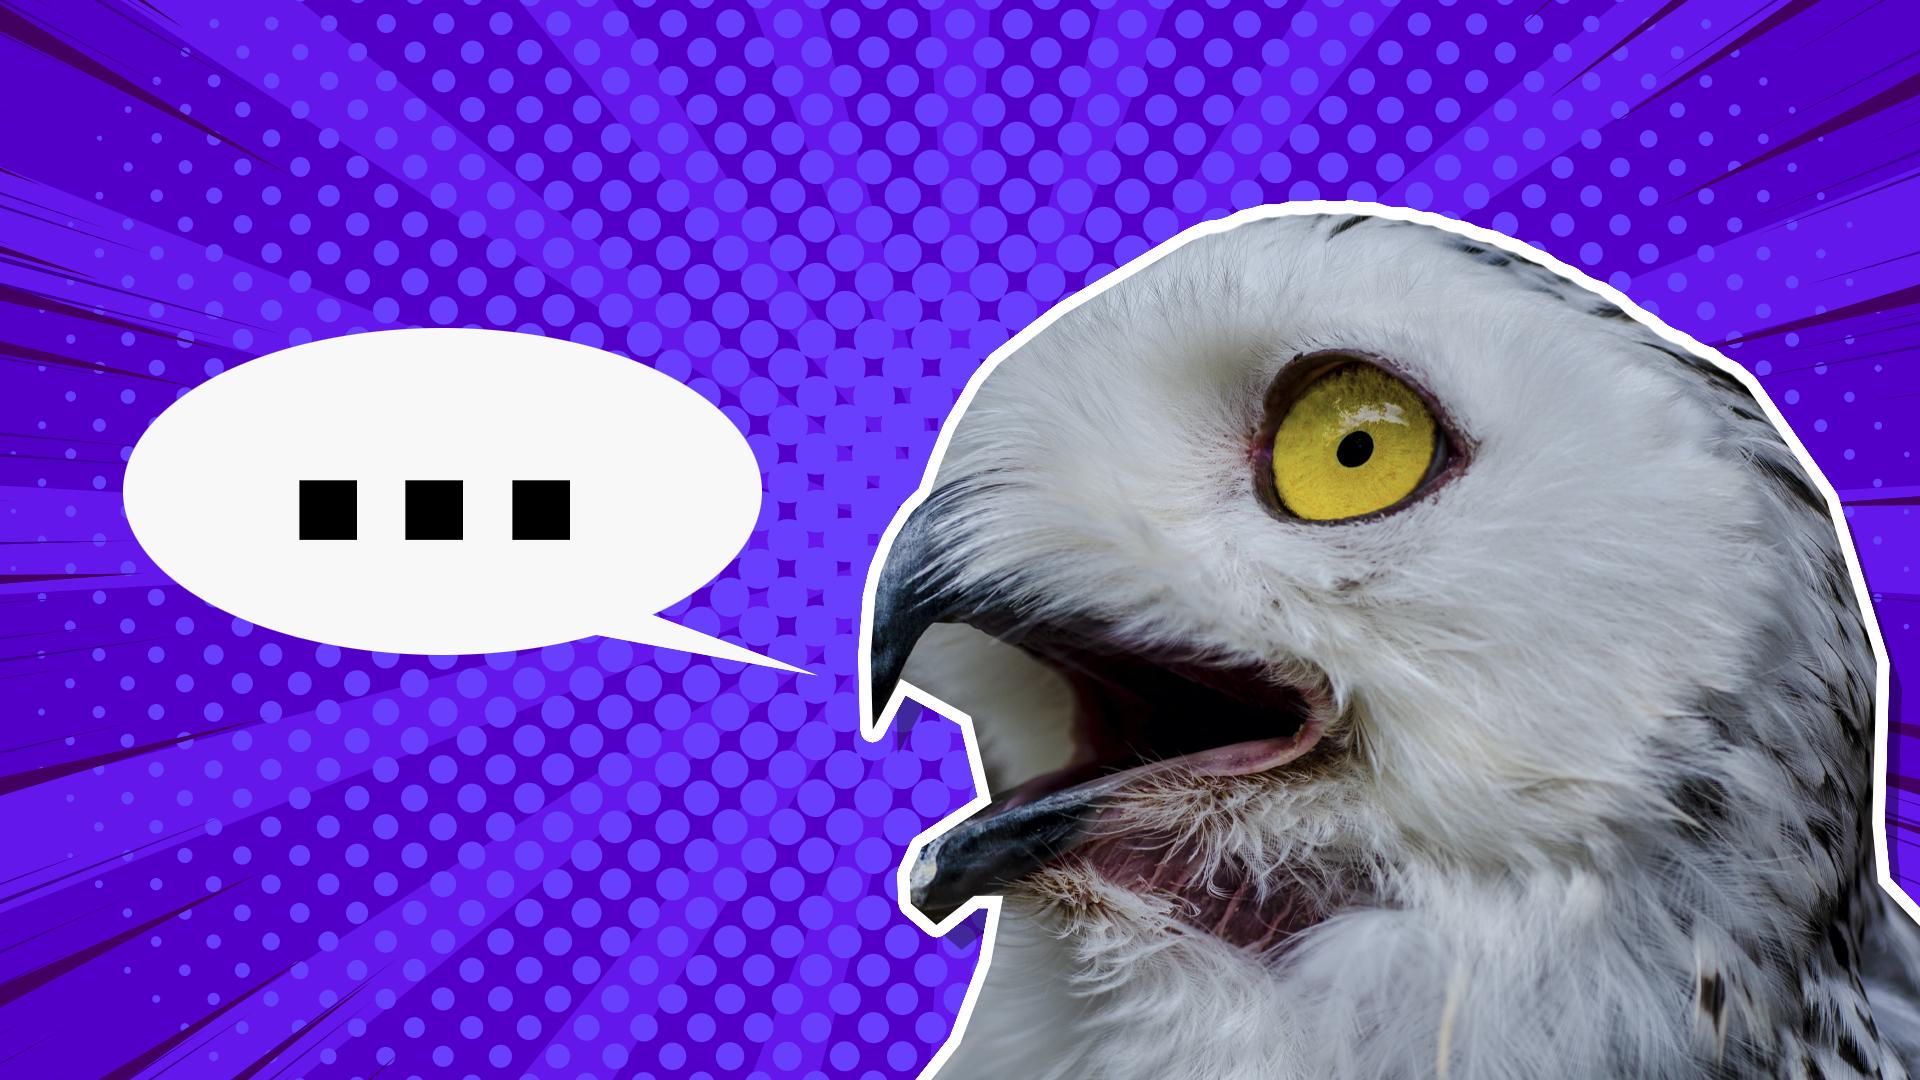 An owl giving a silent hoot